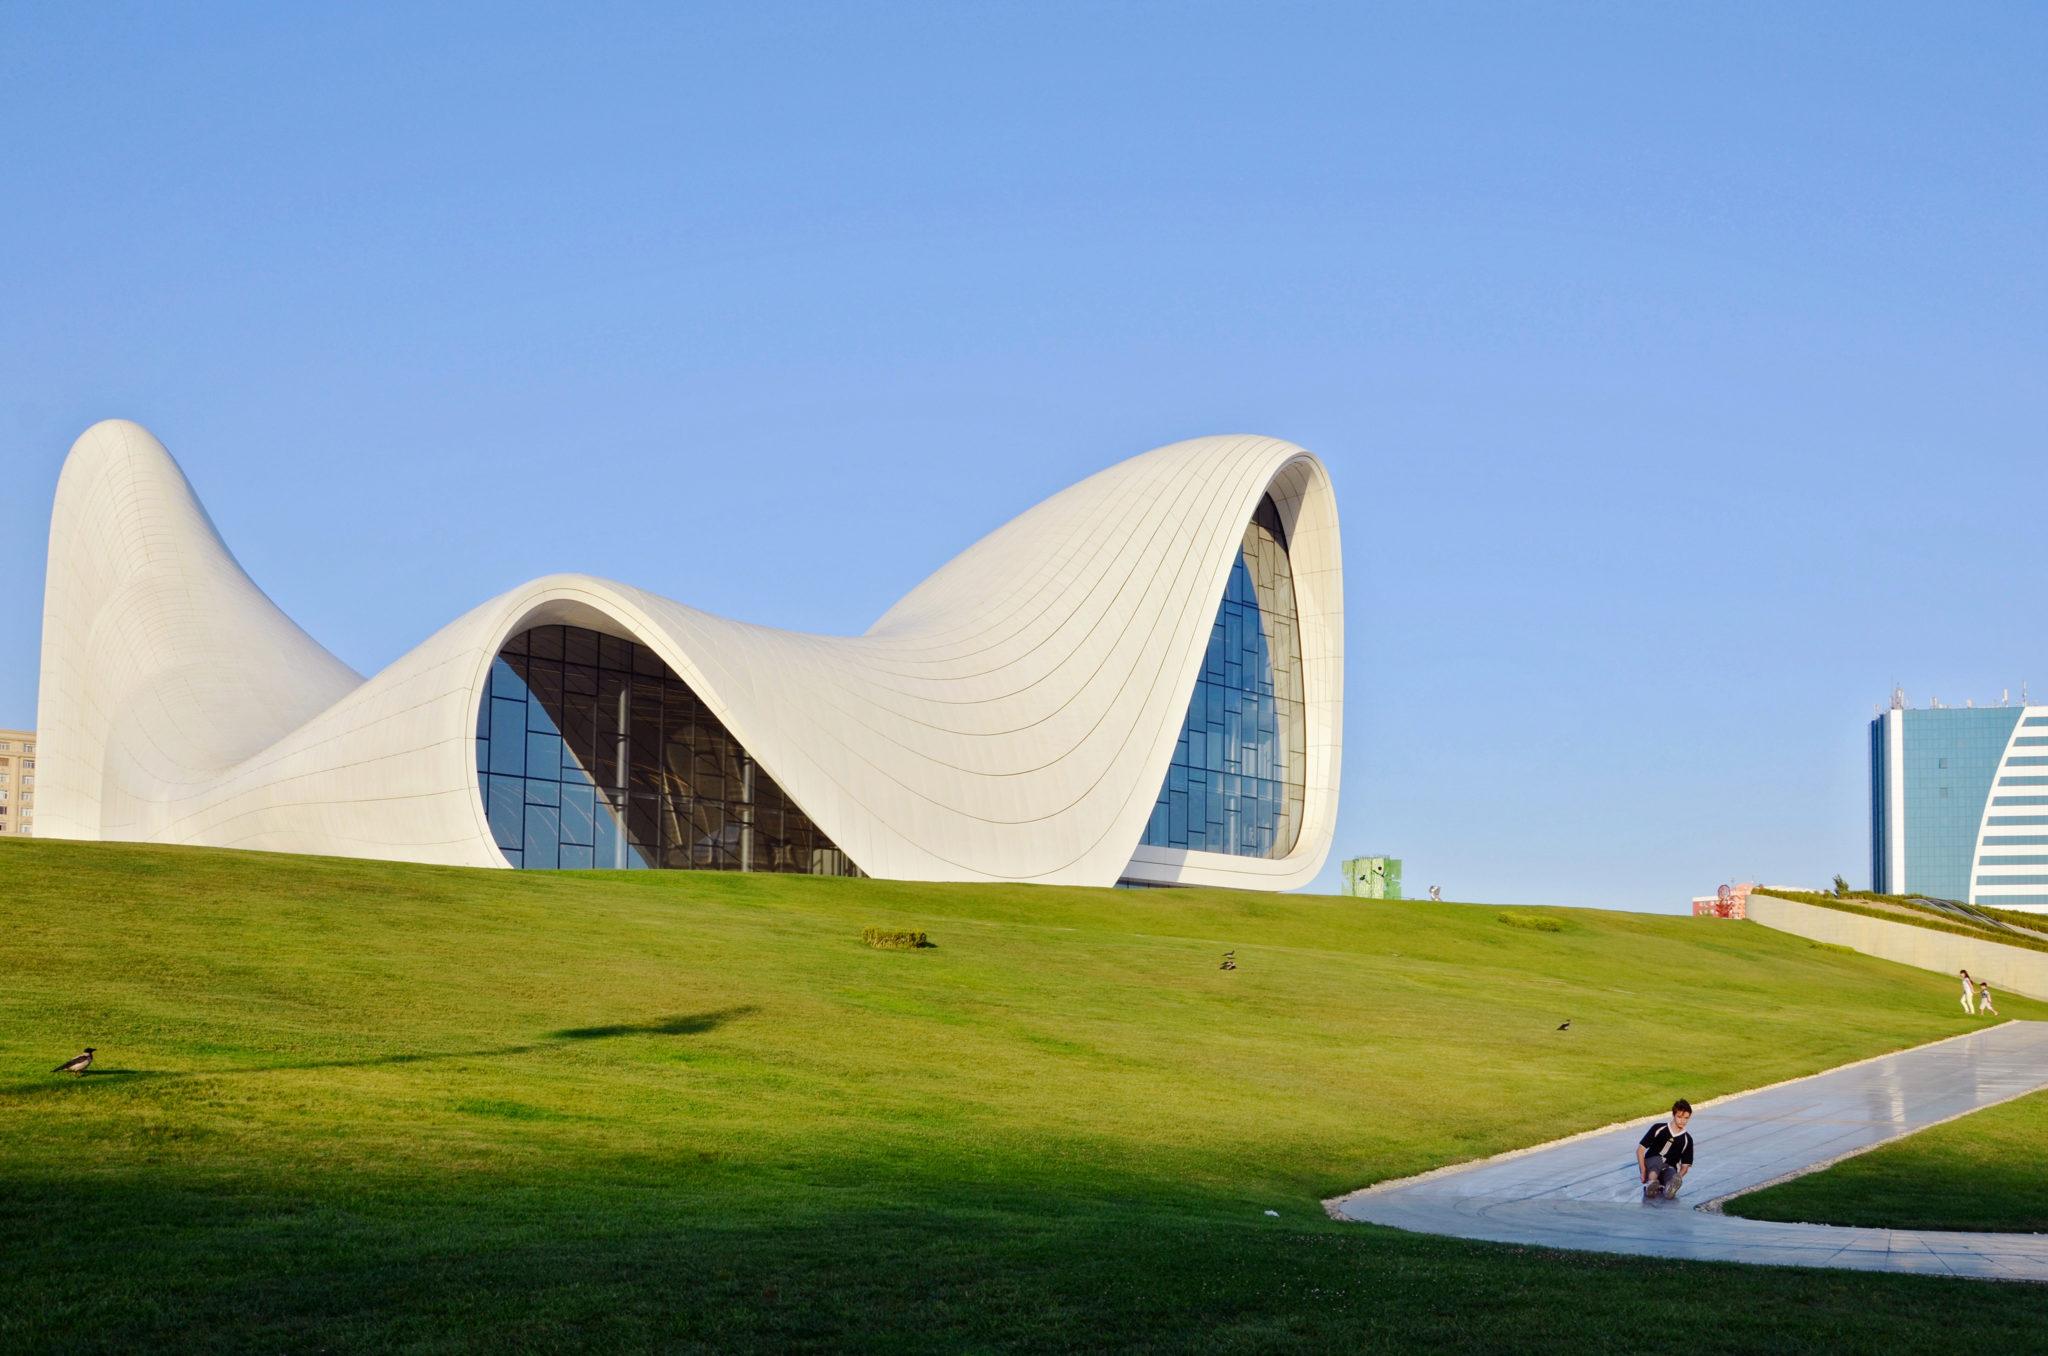 Baku-Aserbaidschan-Heydar-Aliyev-Center-Zaha-Hadid